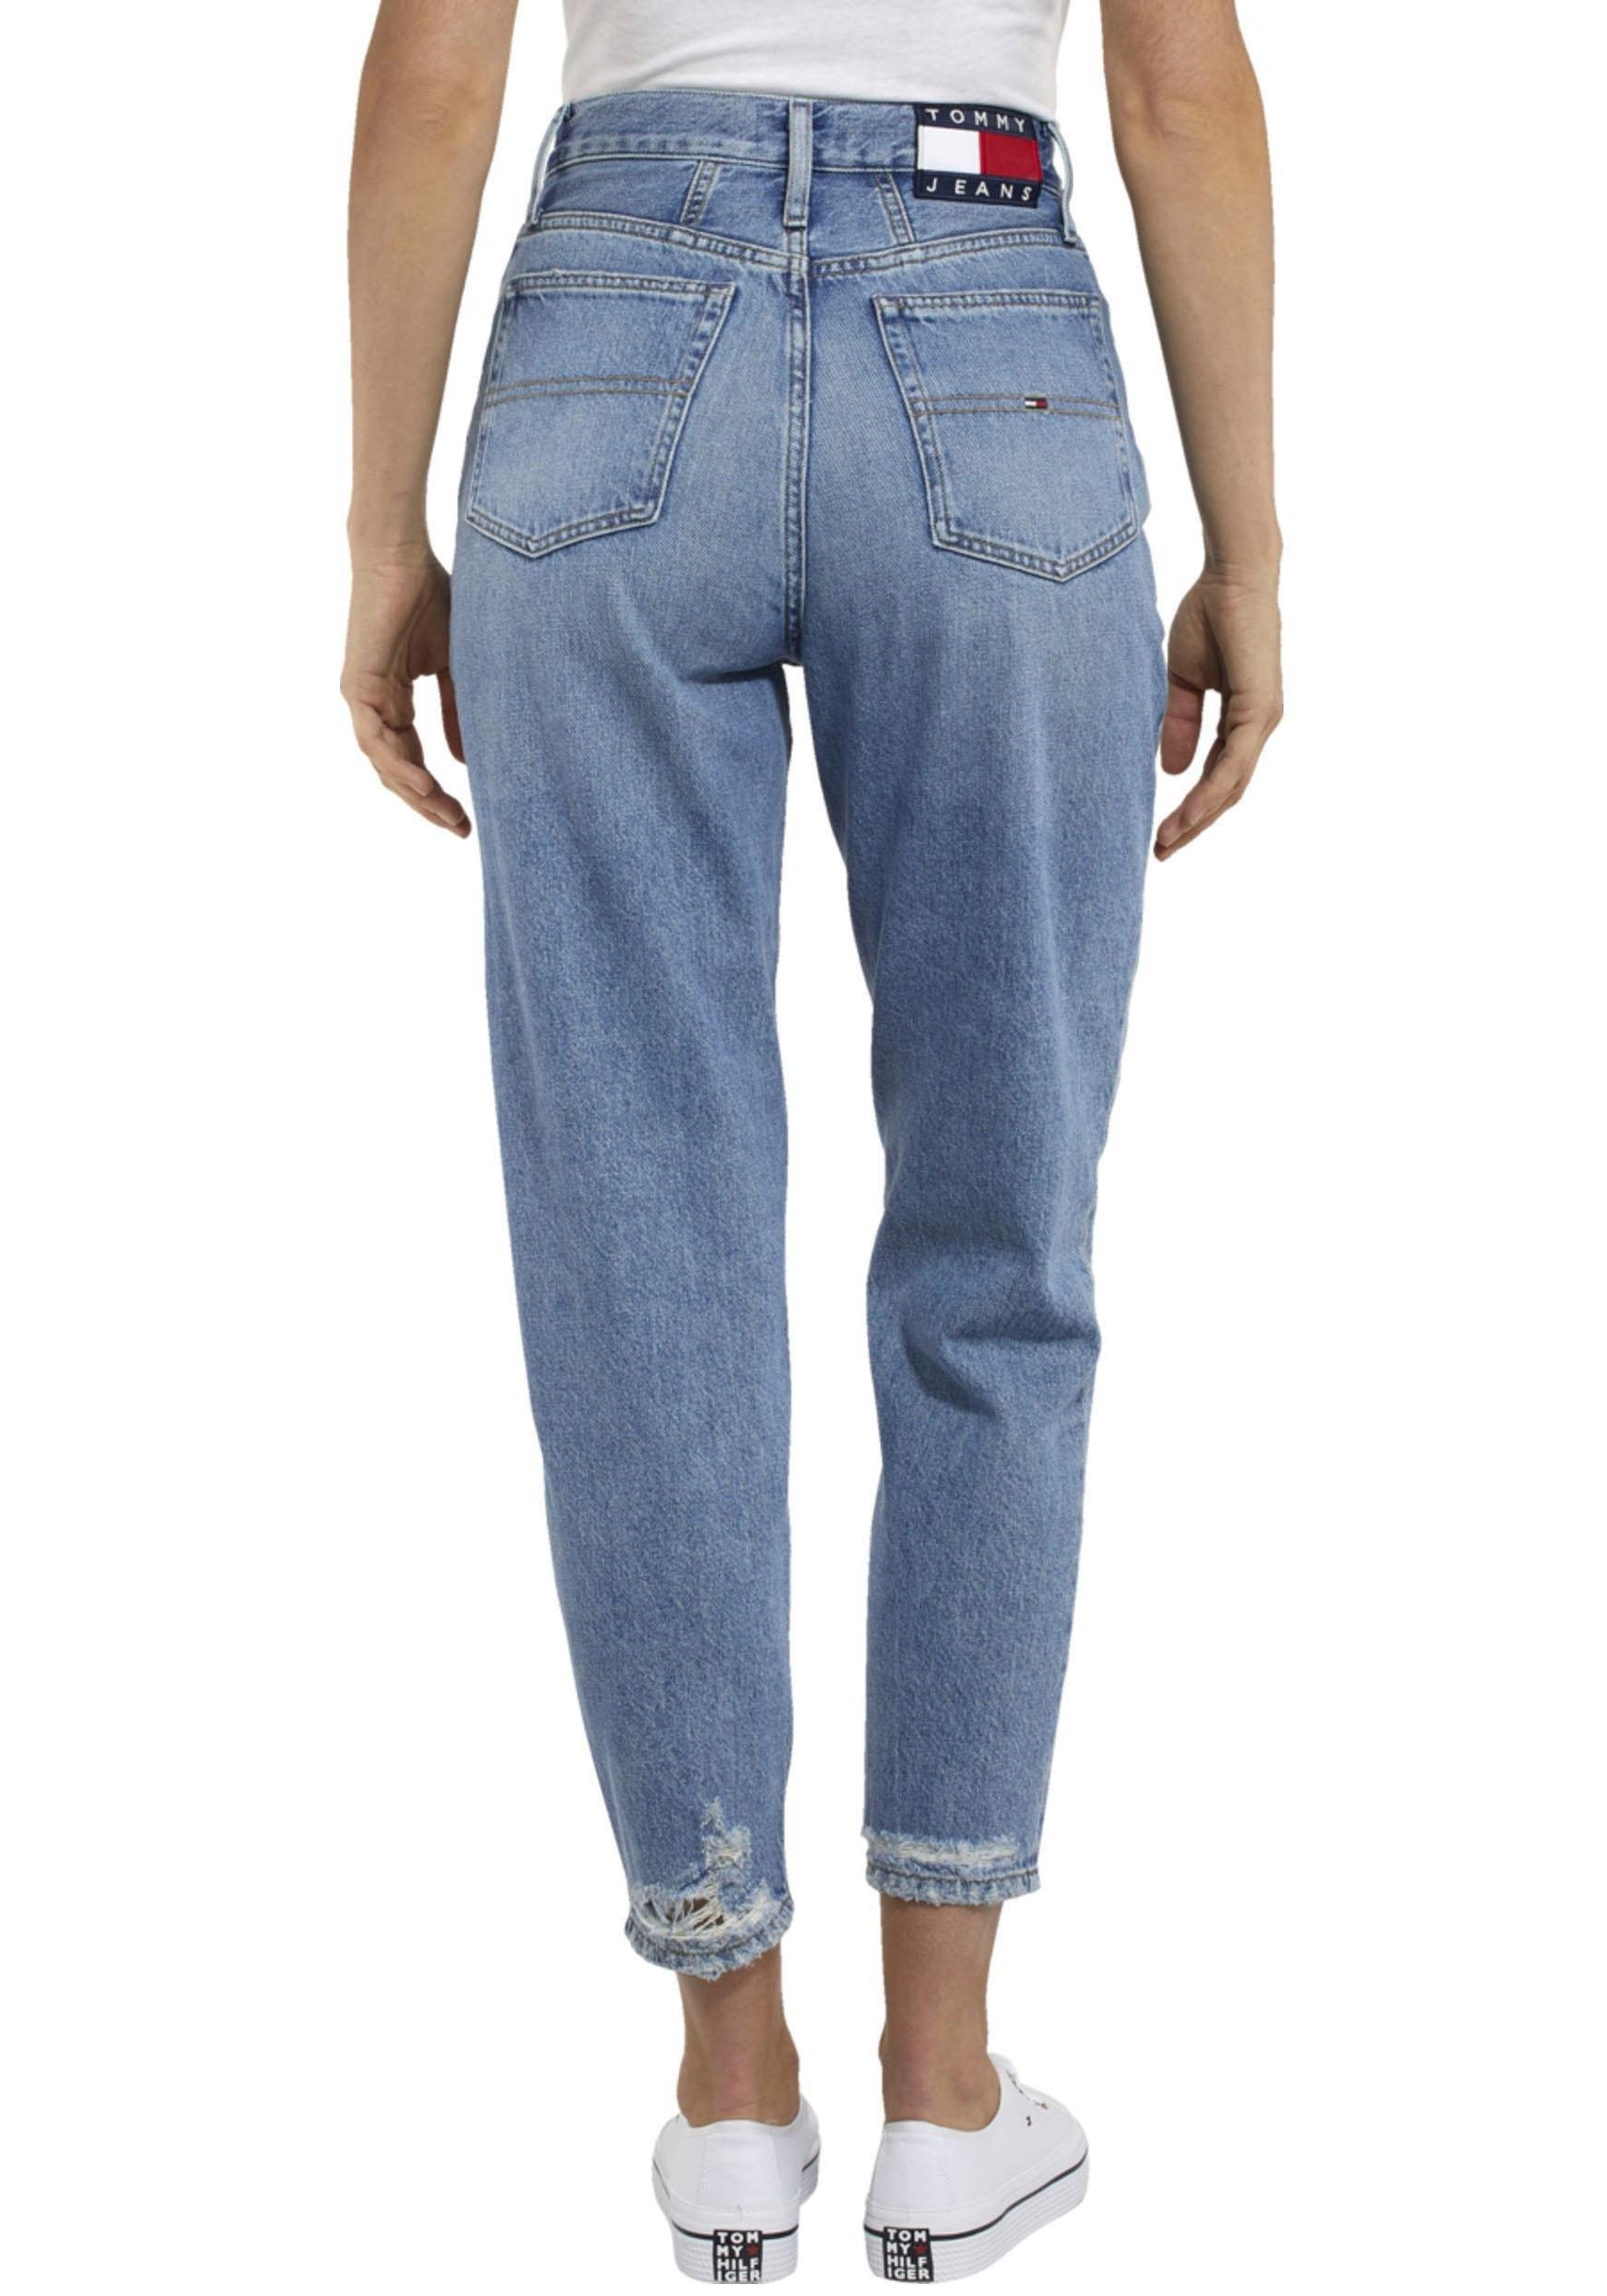 Tommy Jeans tapered fit jeans voordelig en veilig online kopen